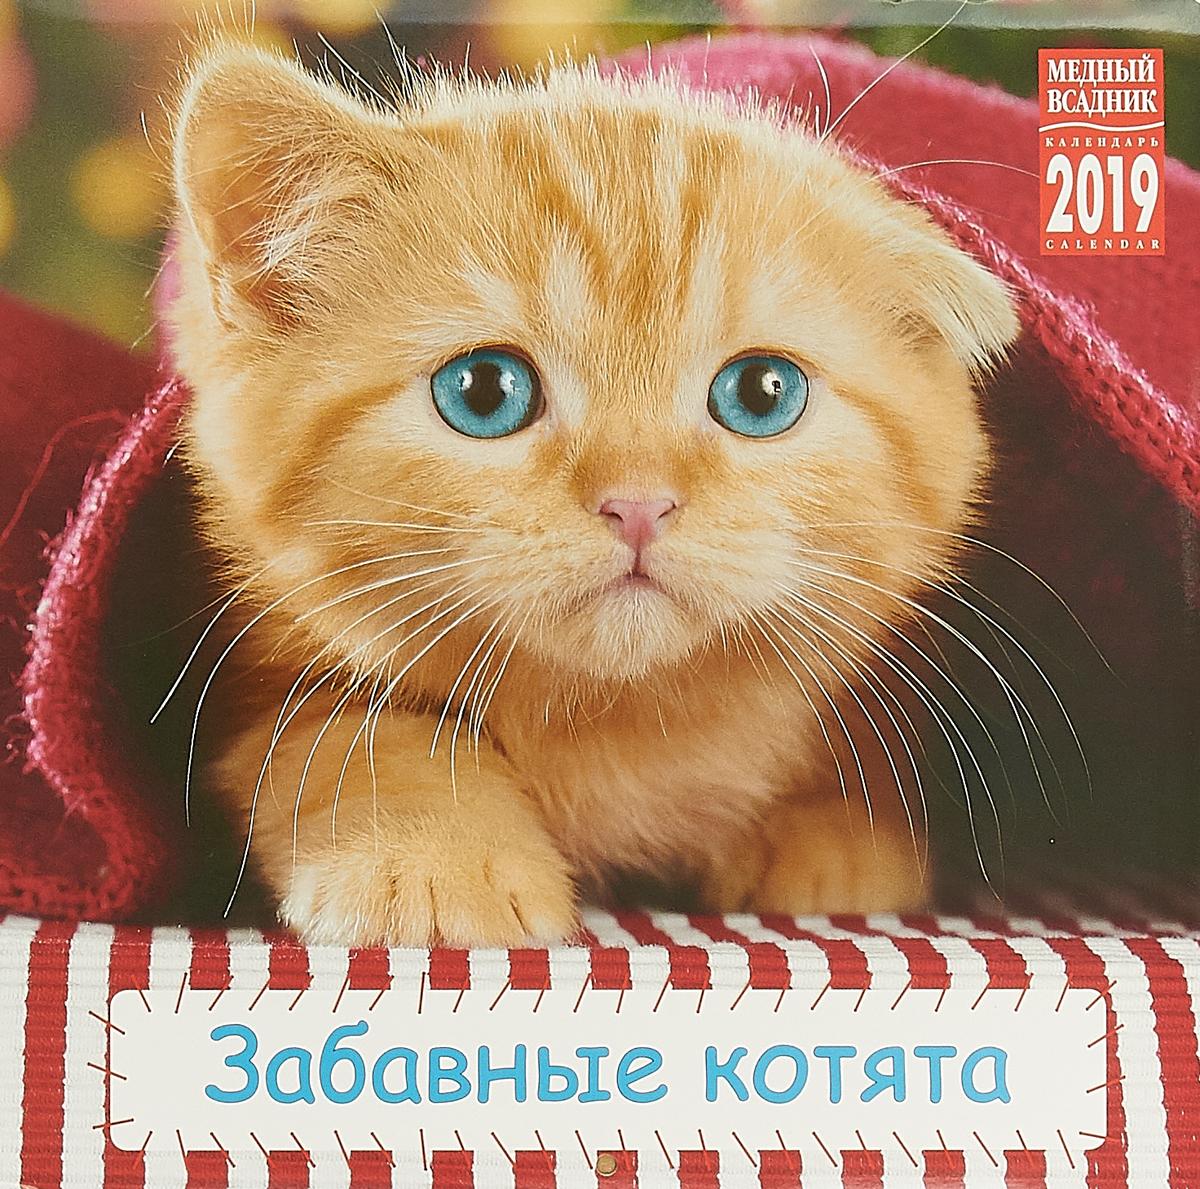 купить Календарь на скрепке на 2019 год. Забавные котята по цене 93 рублей